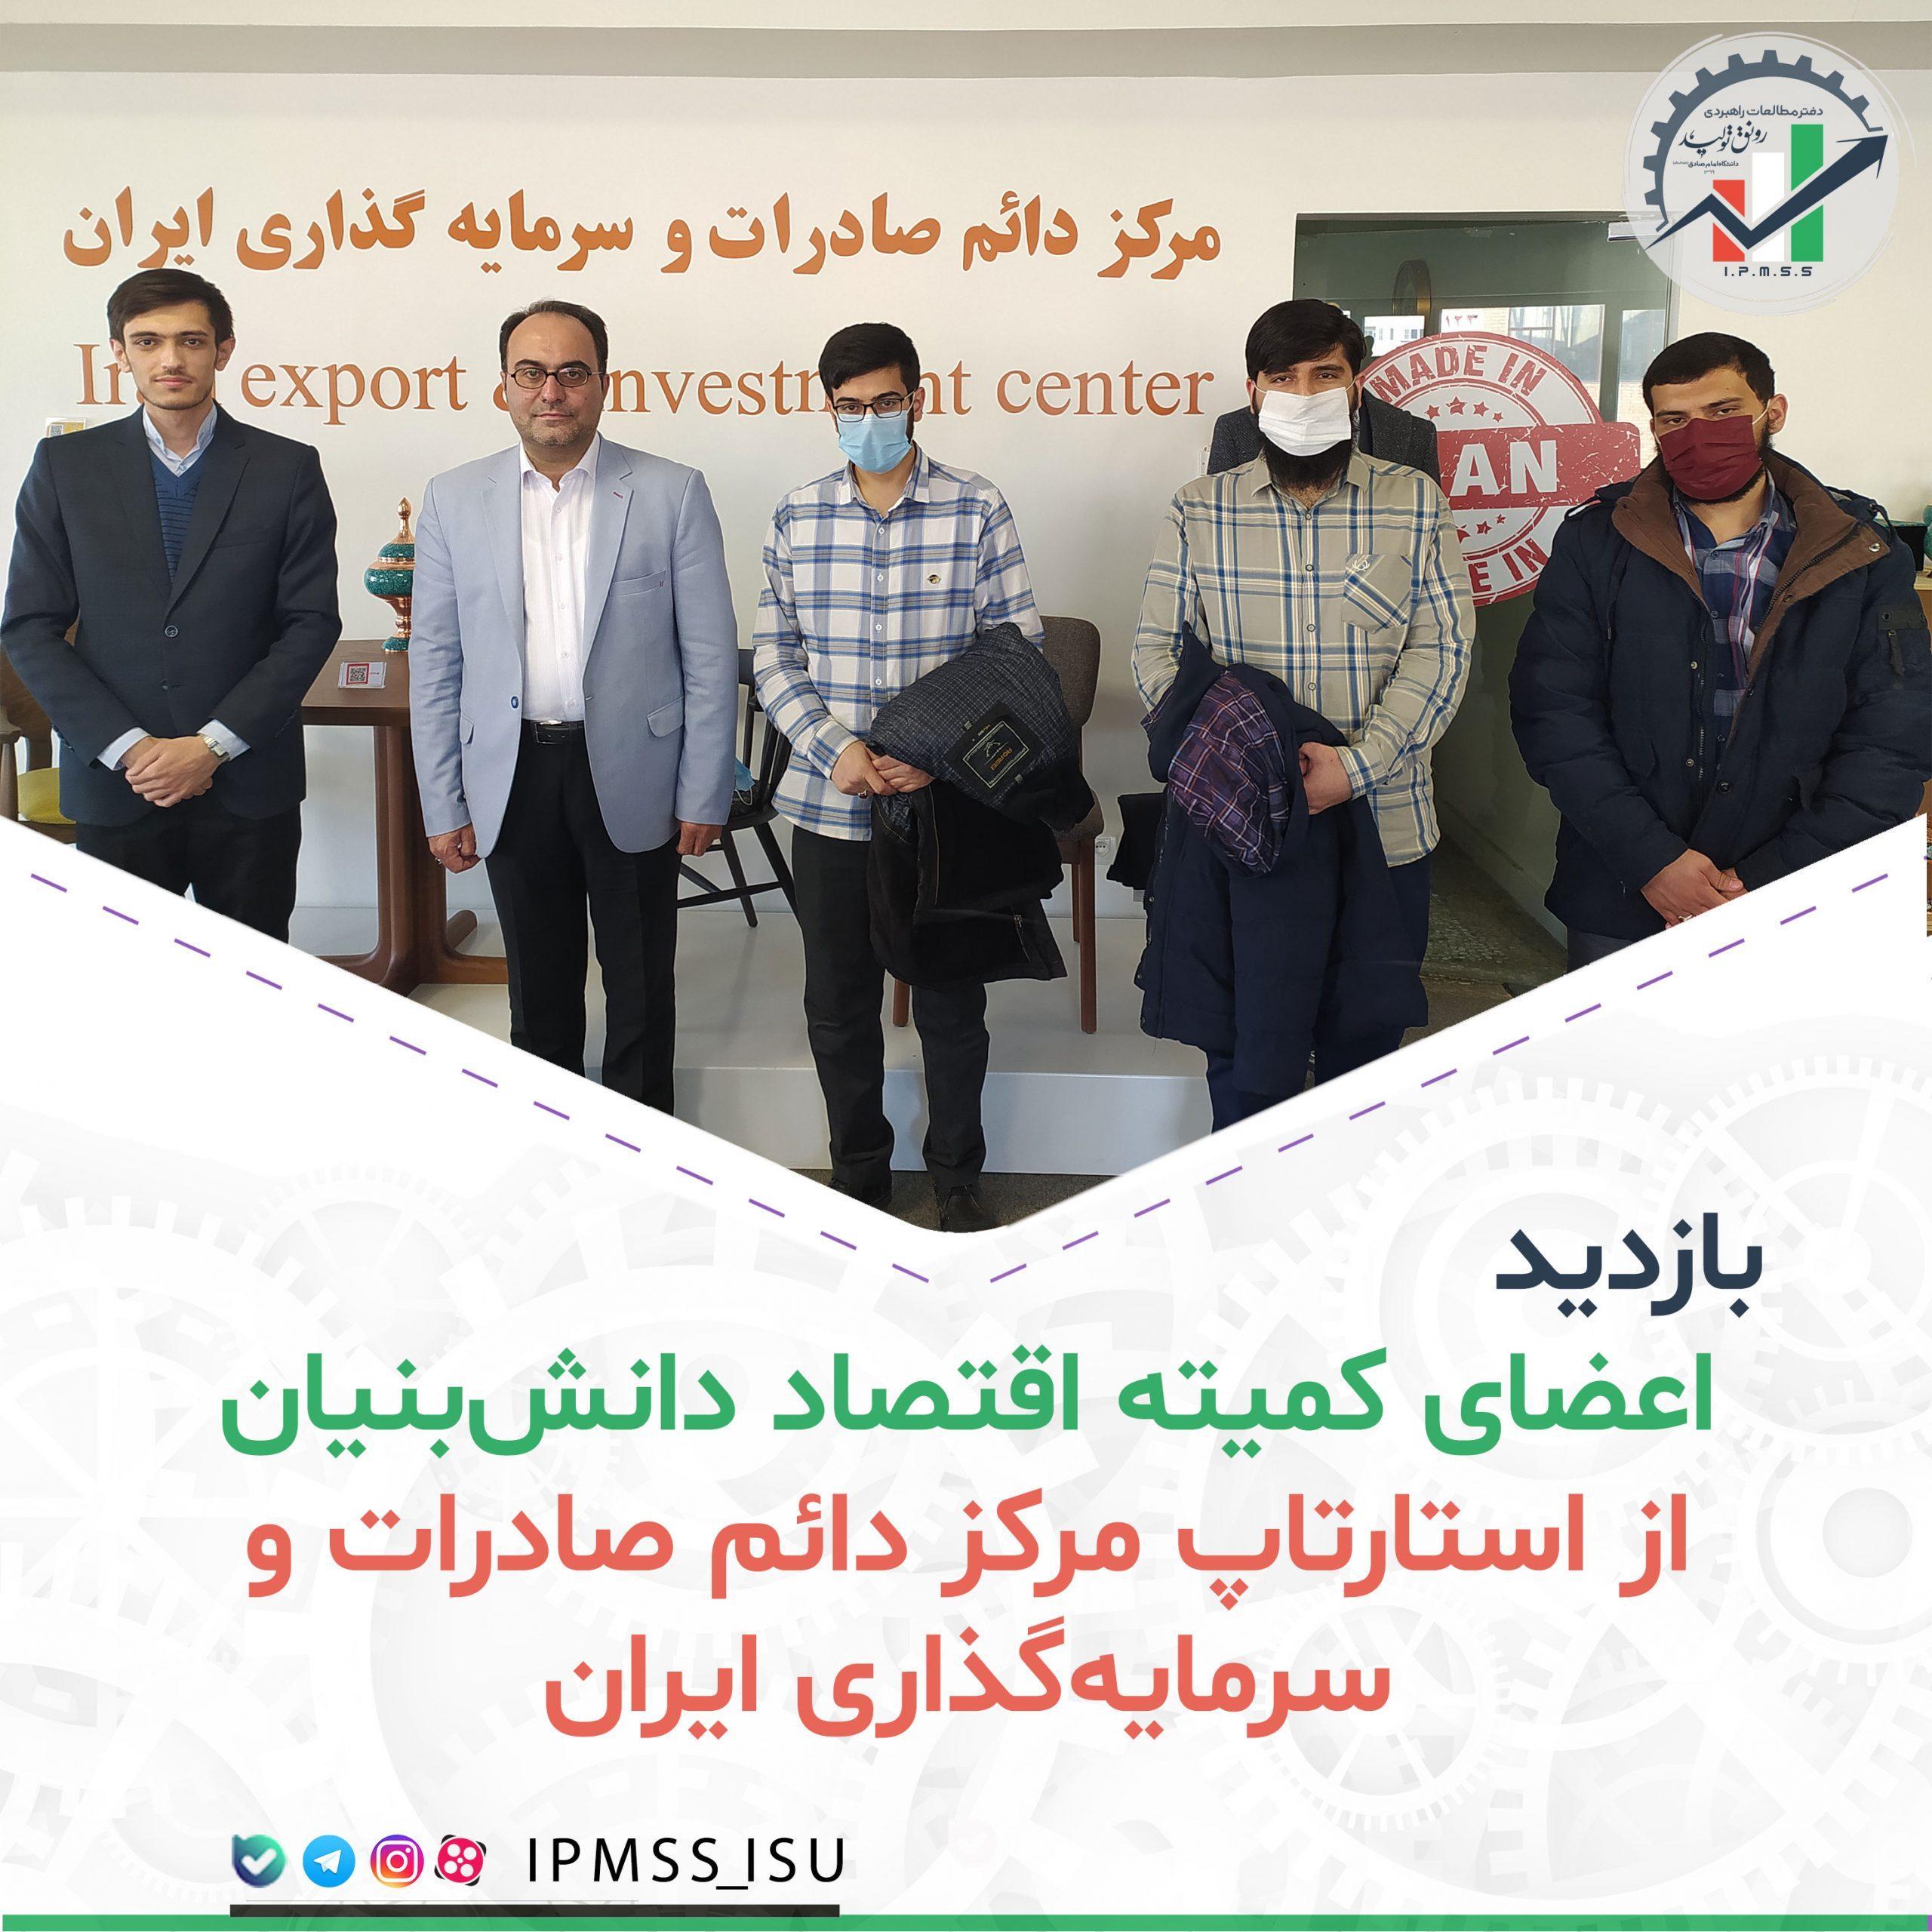 بازدید از مرکز دائم صادرات و سرمایه گذاری ایران